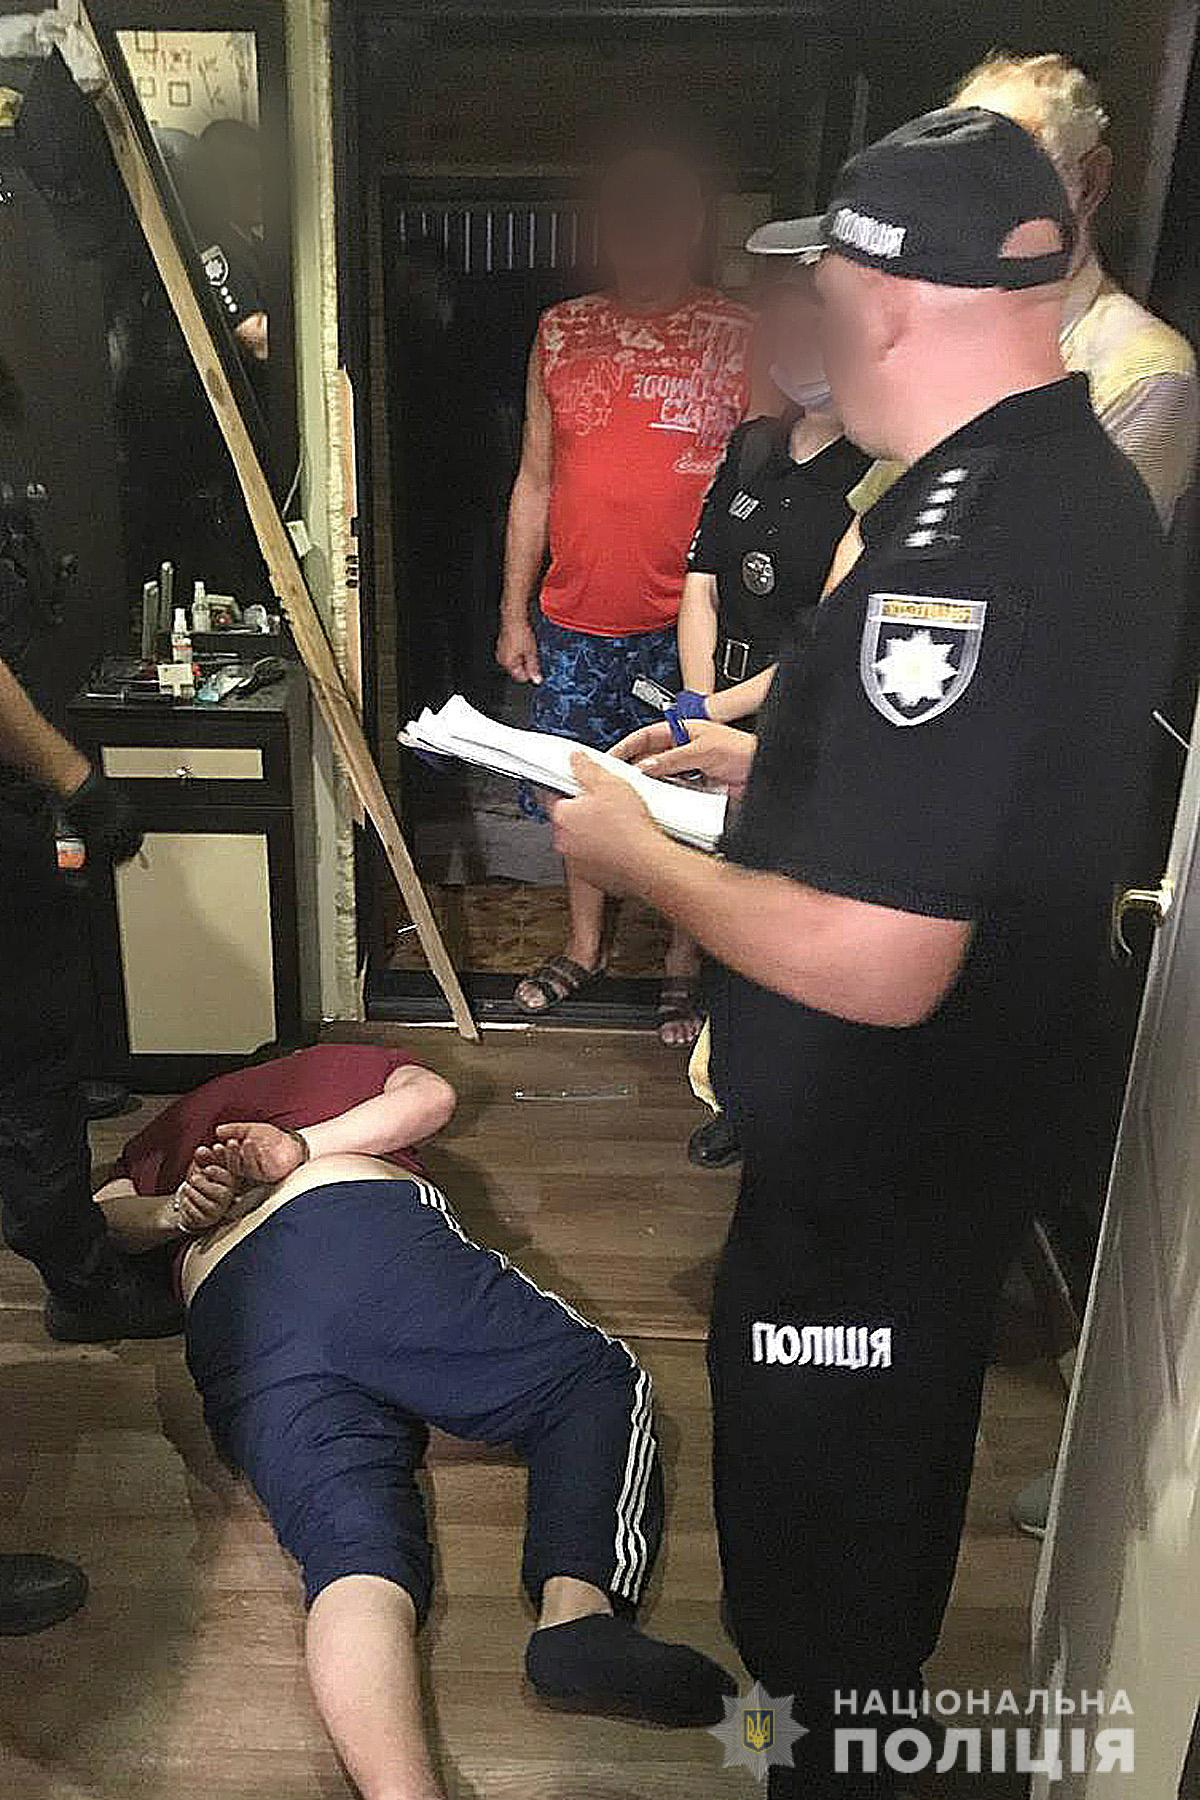 У Чернігові 54-лічтній чоловік намагався зґвалтувати 13-річну дівчинку (Фото)